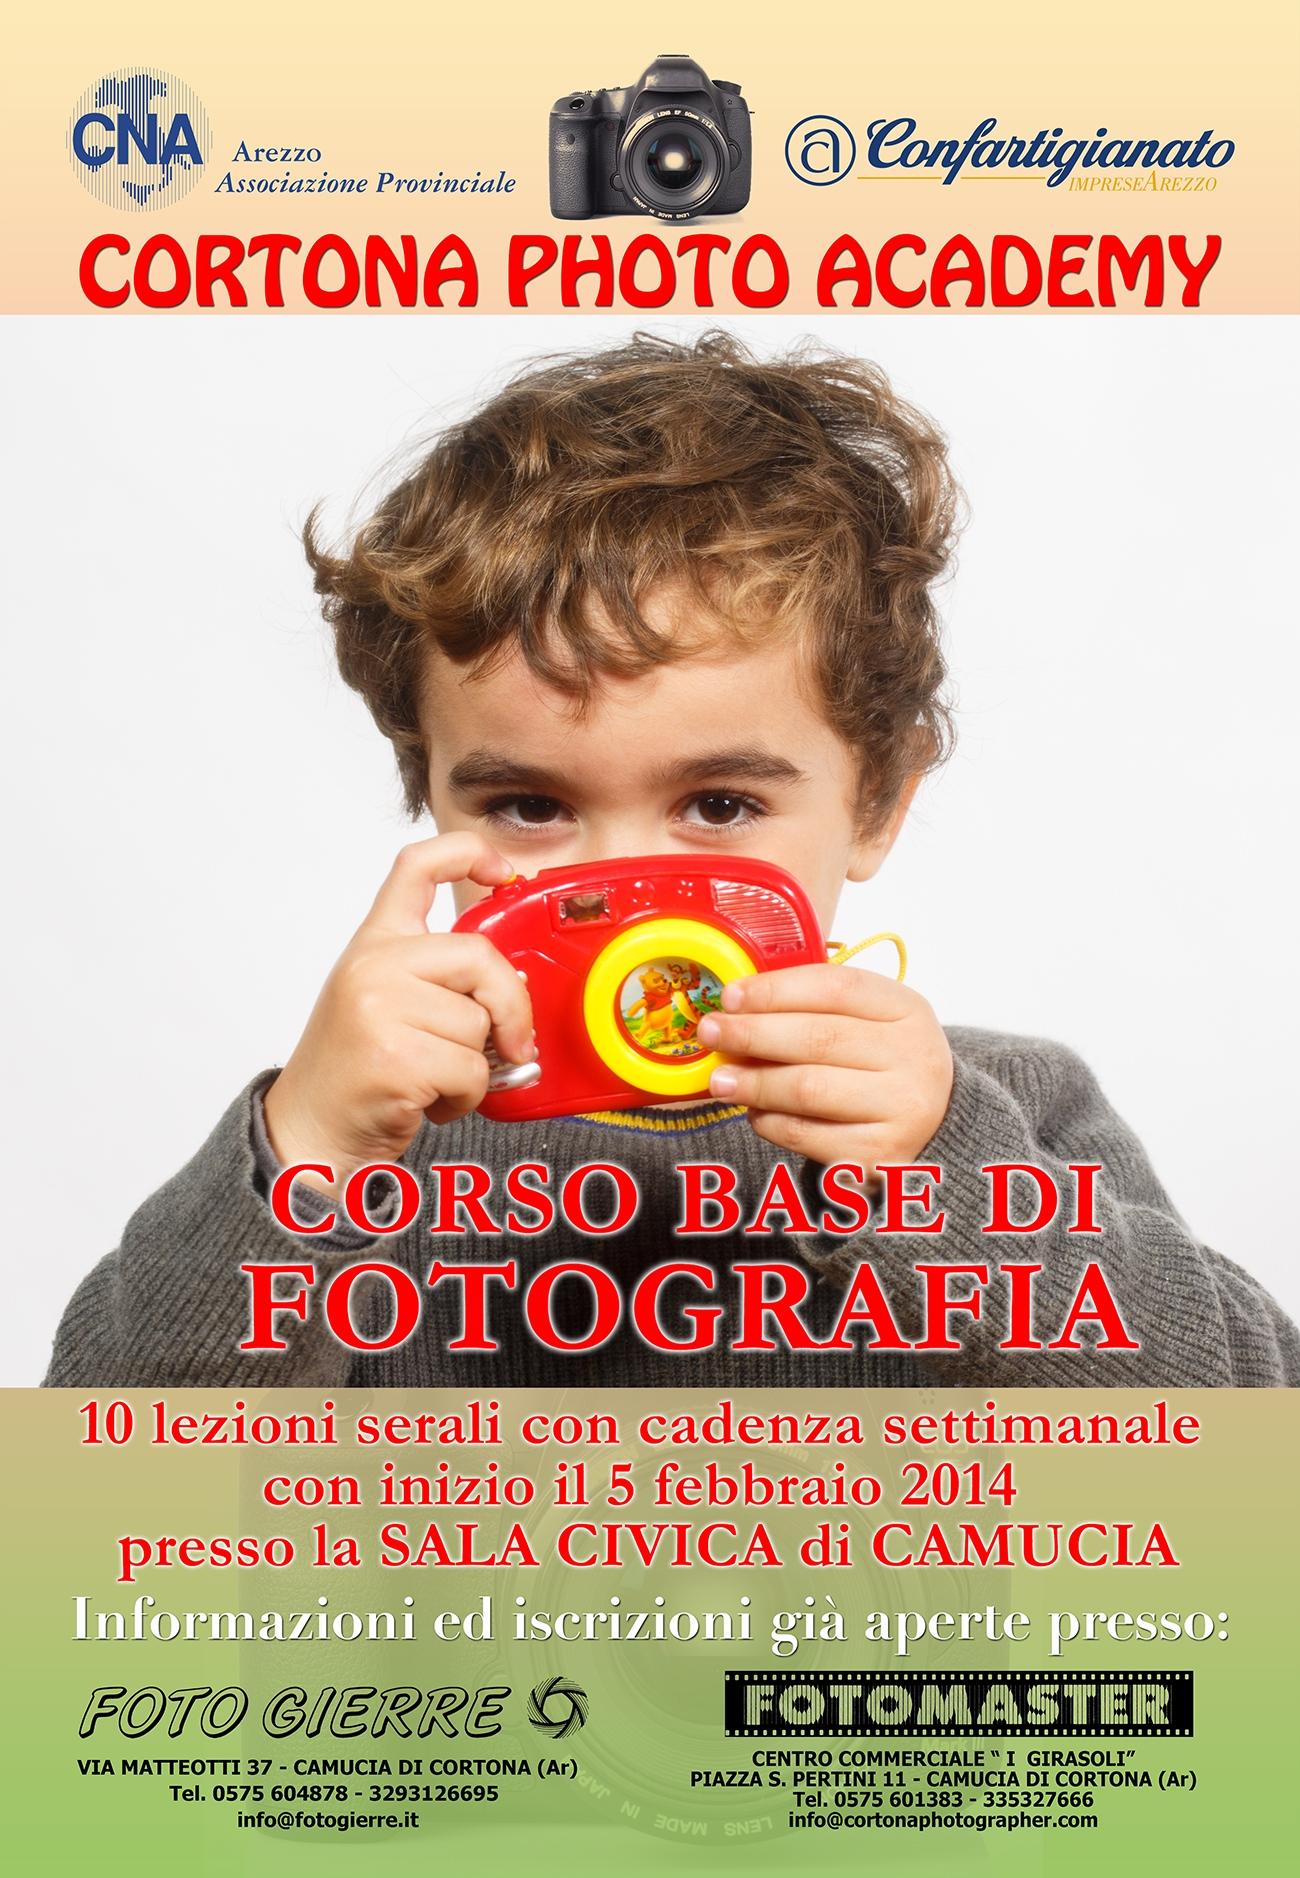 Corso base di fotografia di Cortona Photo Academy, iscrizioni aperte